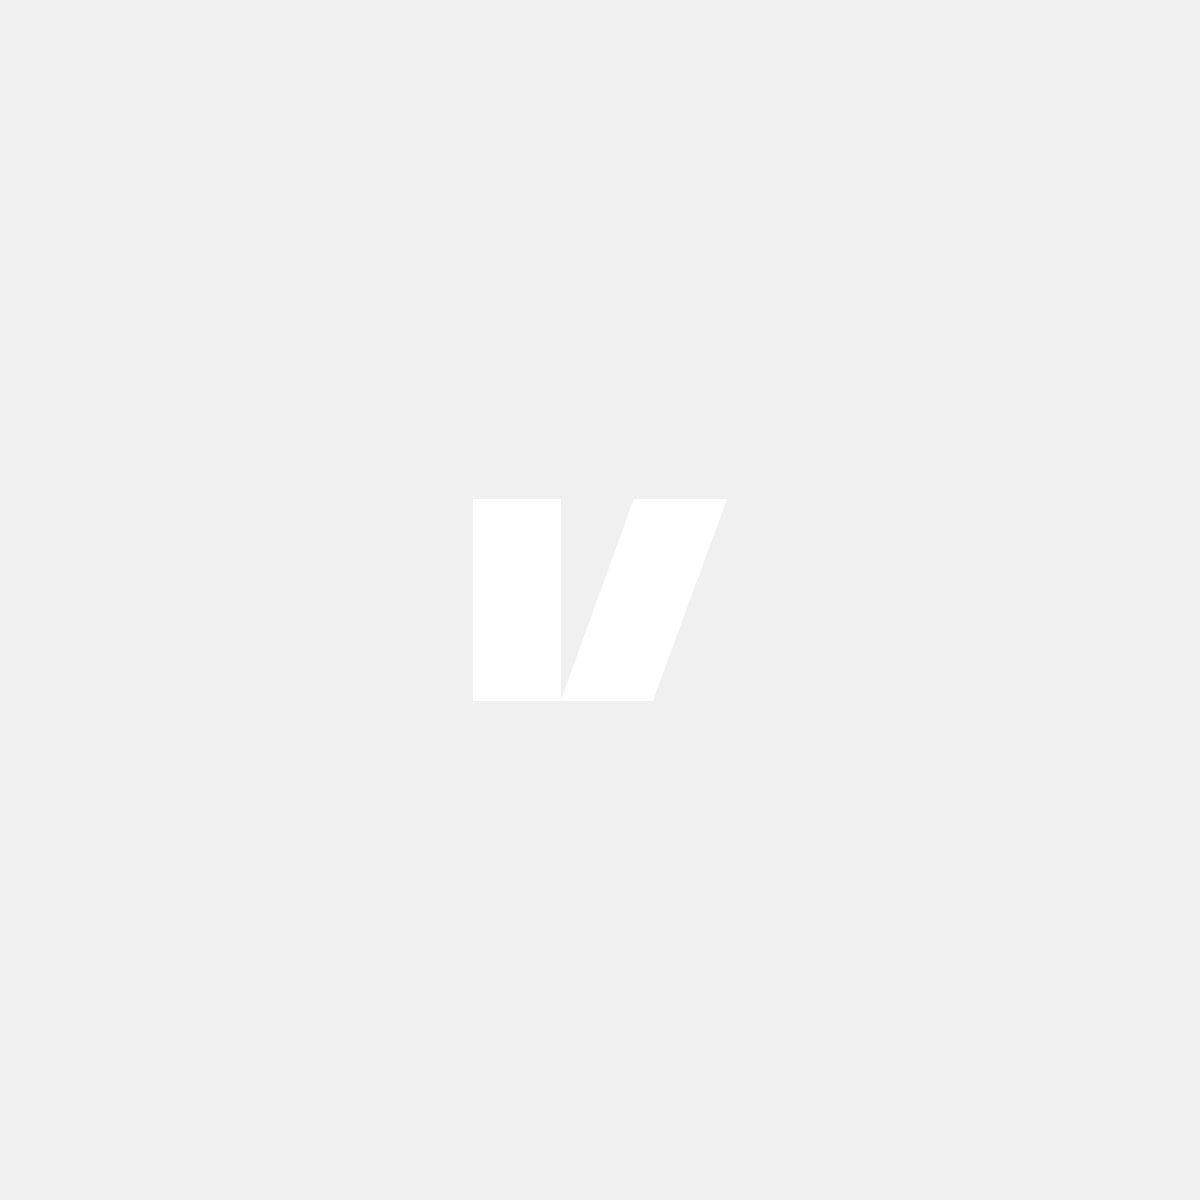 Takräcke / Lasthållare vingprofil till Volvo V60, 10-